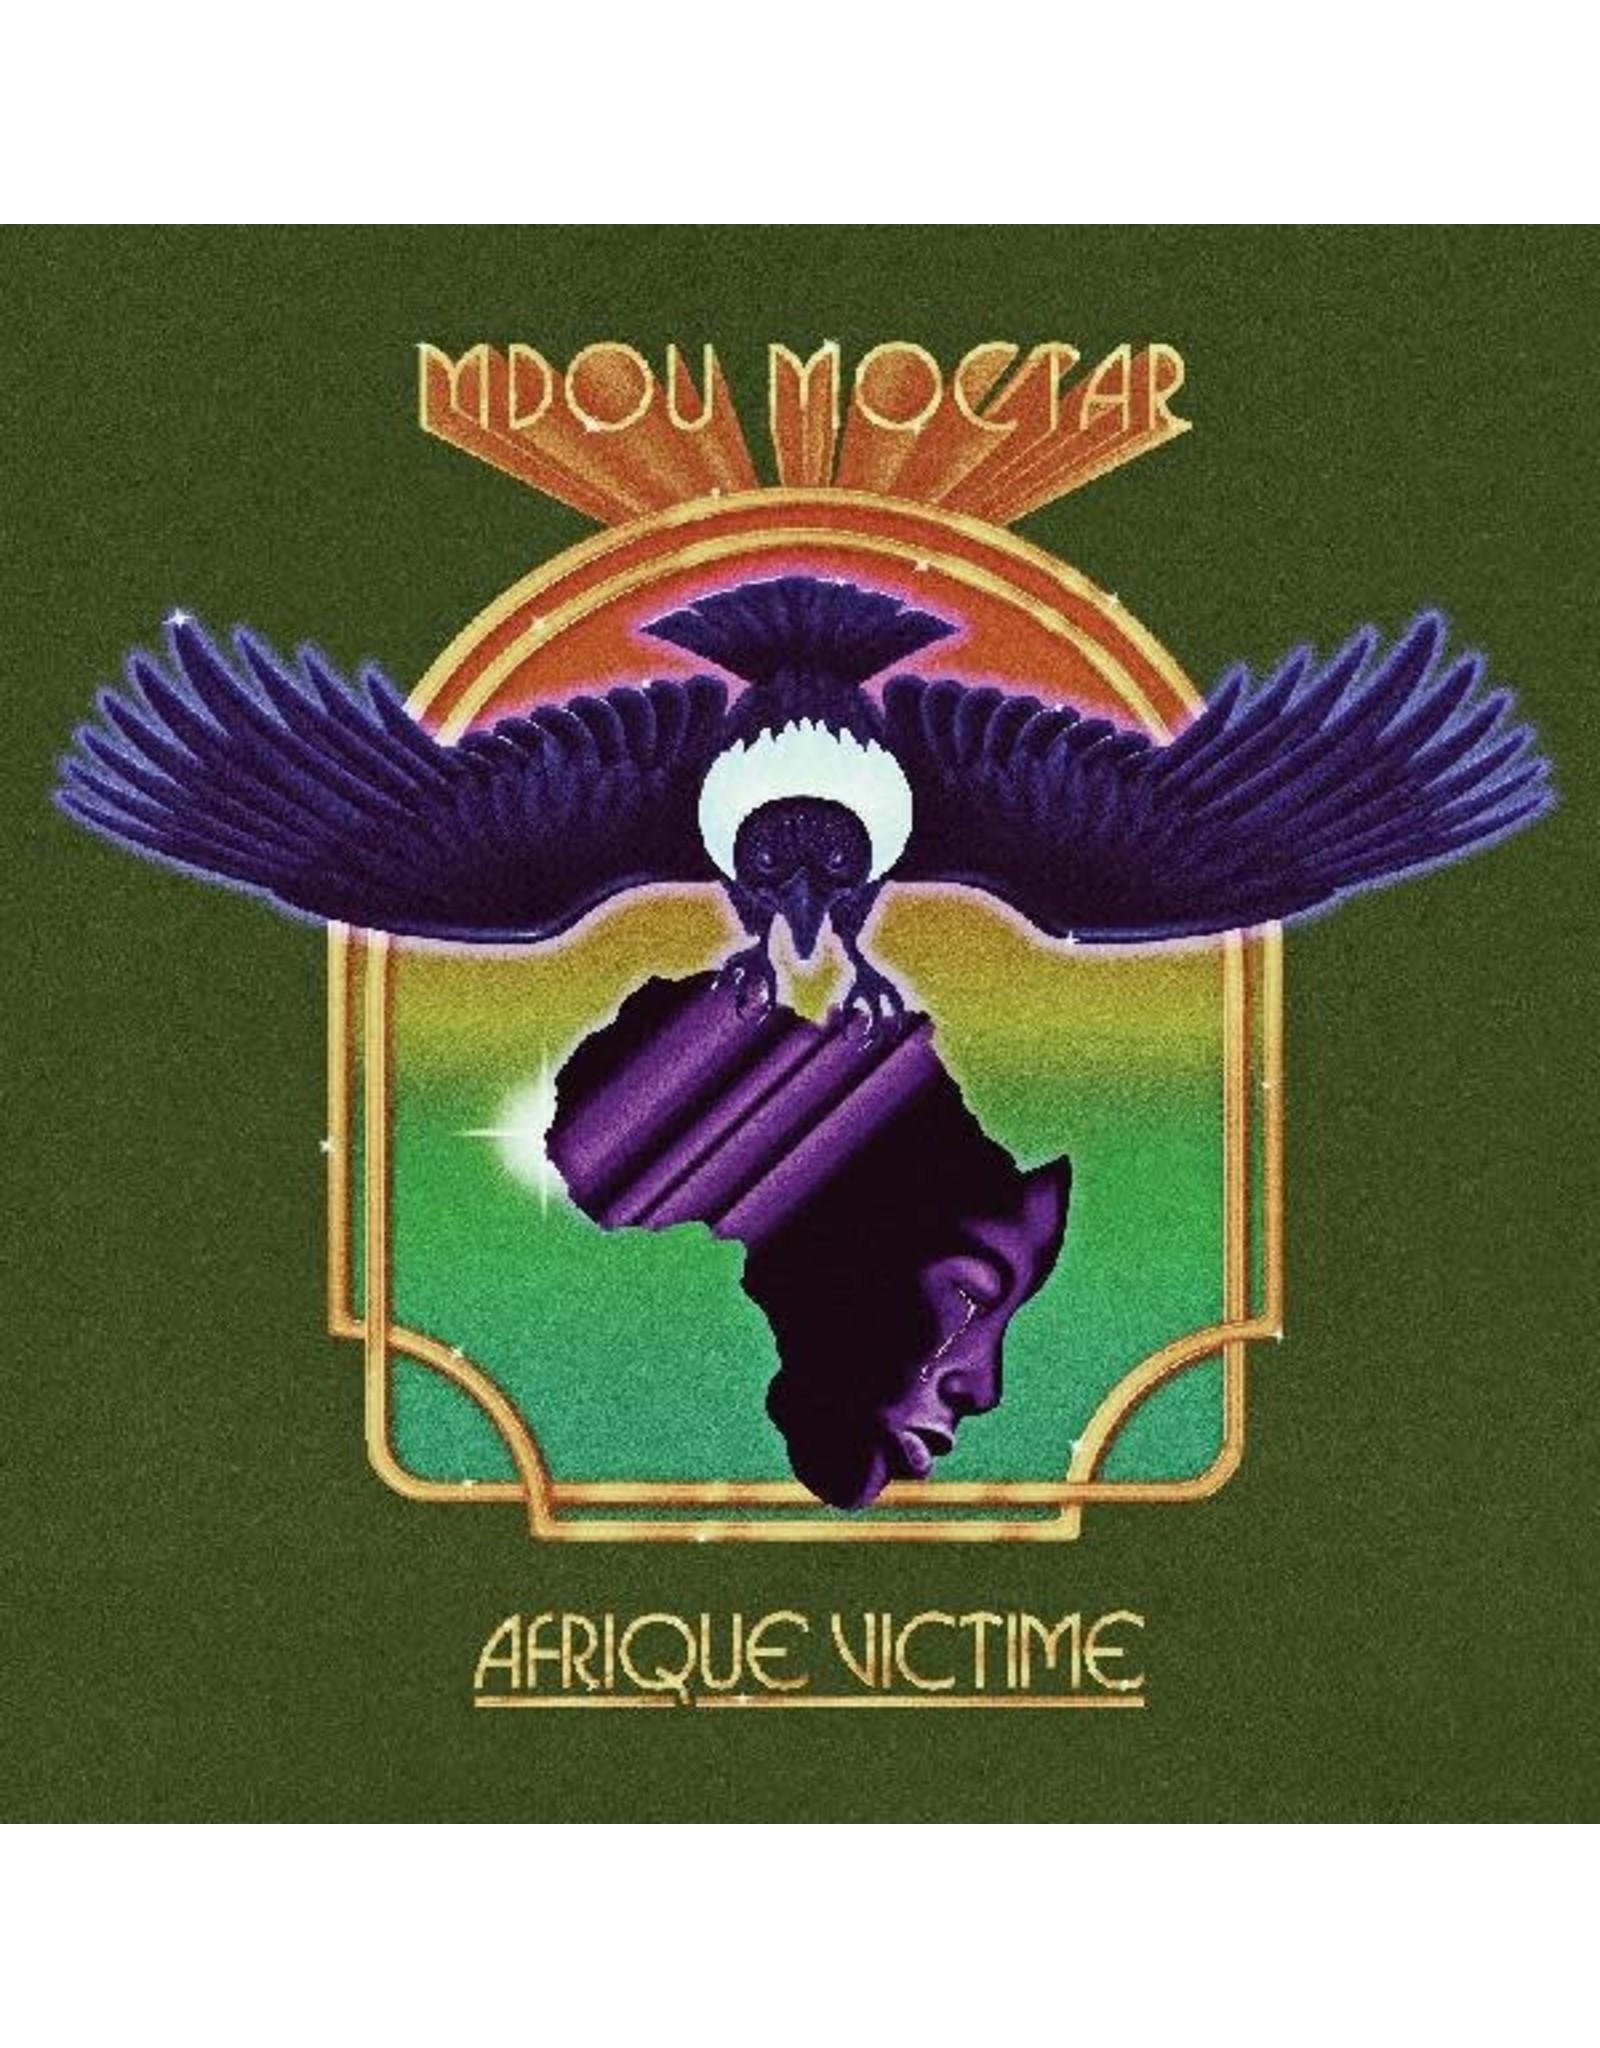 New Vinyl Mdou Moctar - Afrique Victim LP